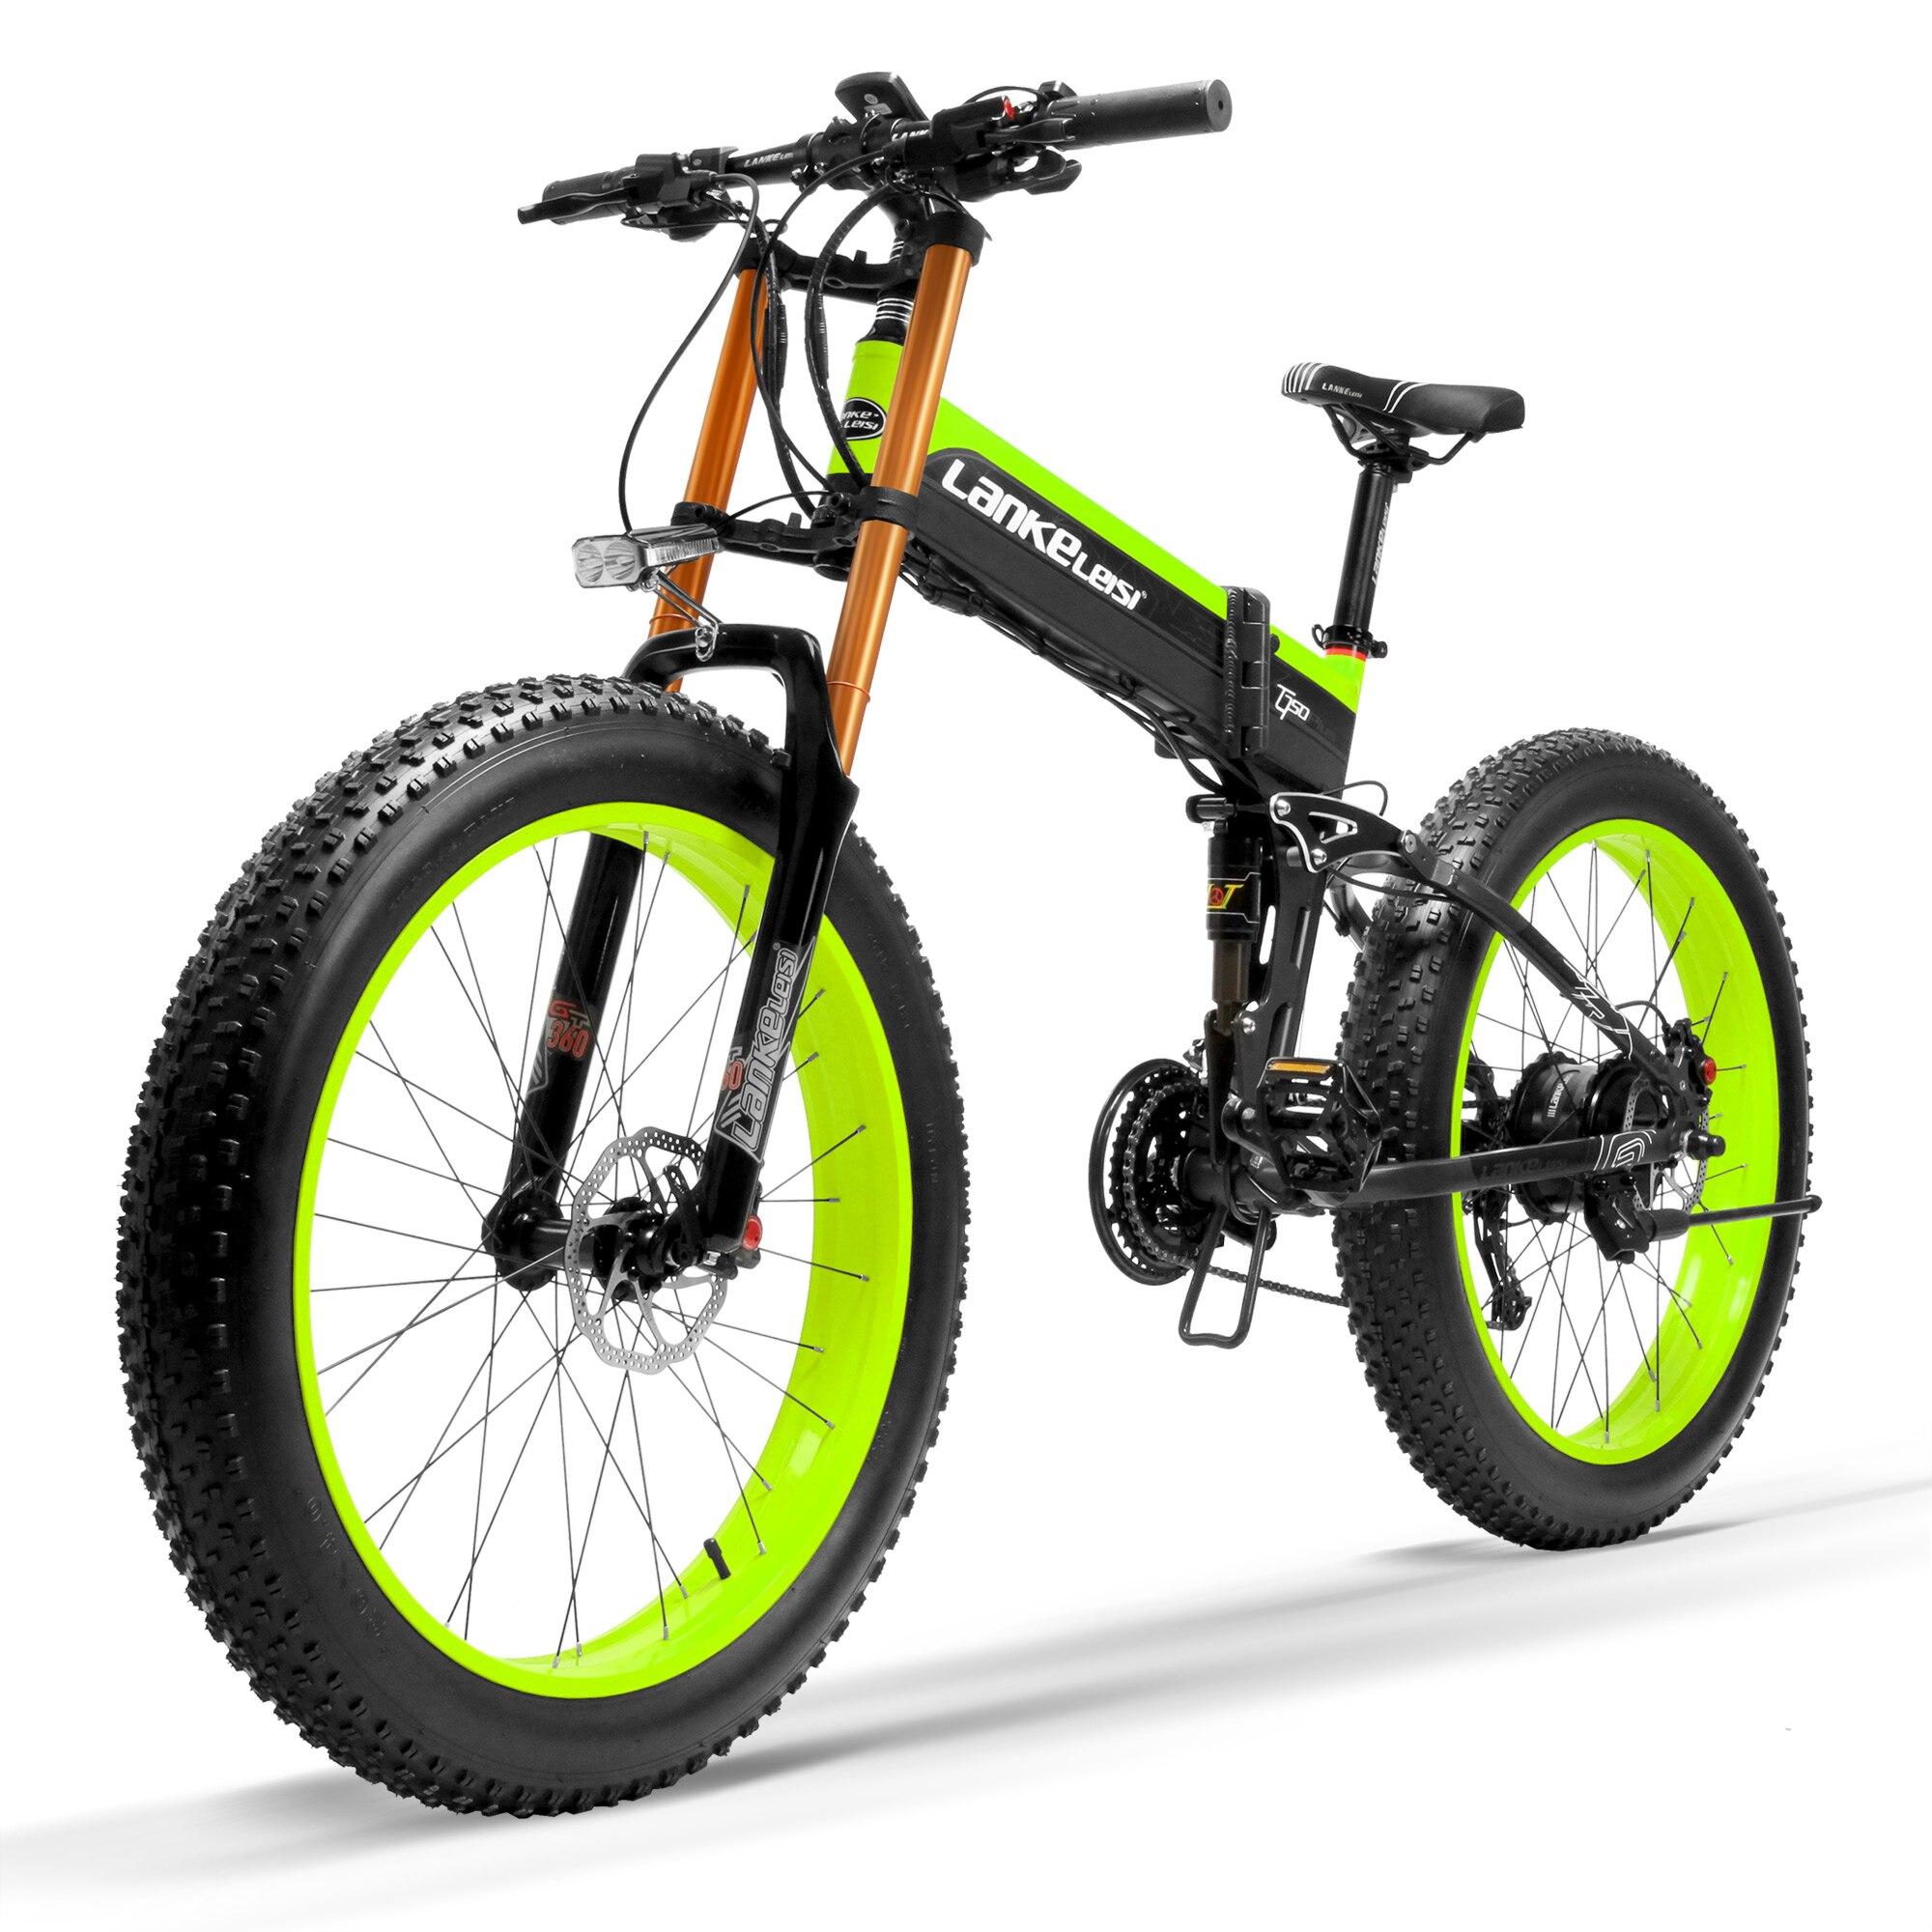 T750Plus vélo à neige électrique à capteur d'assistance à la pédale à 5 niveaux, amélioré à la fourche de descente, moteur puissant, batterie Li-ion haute Performance